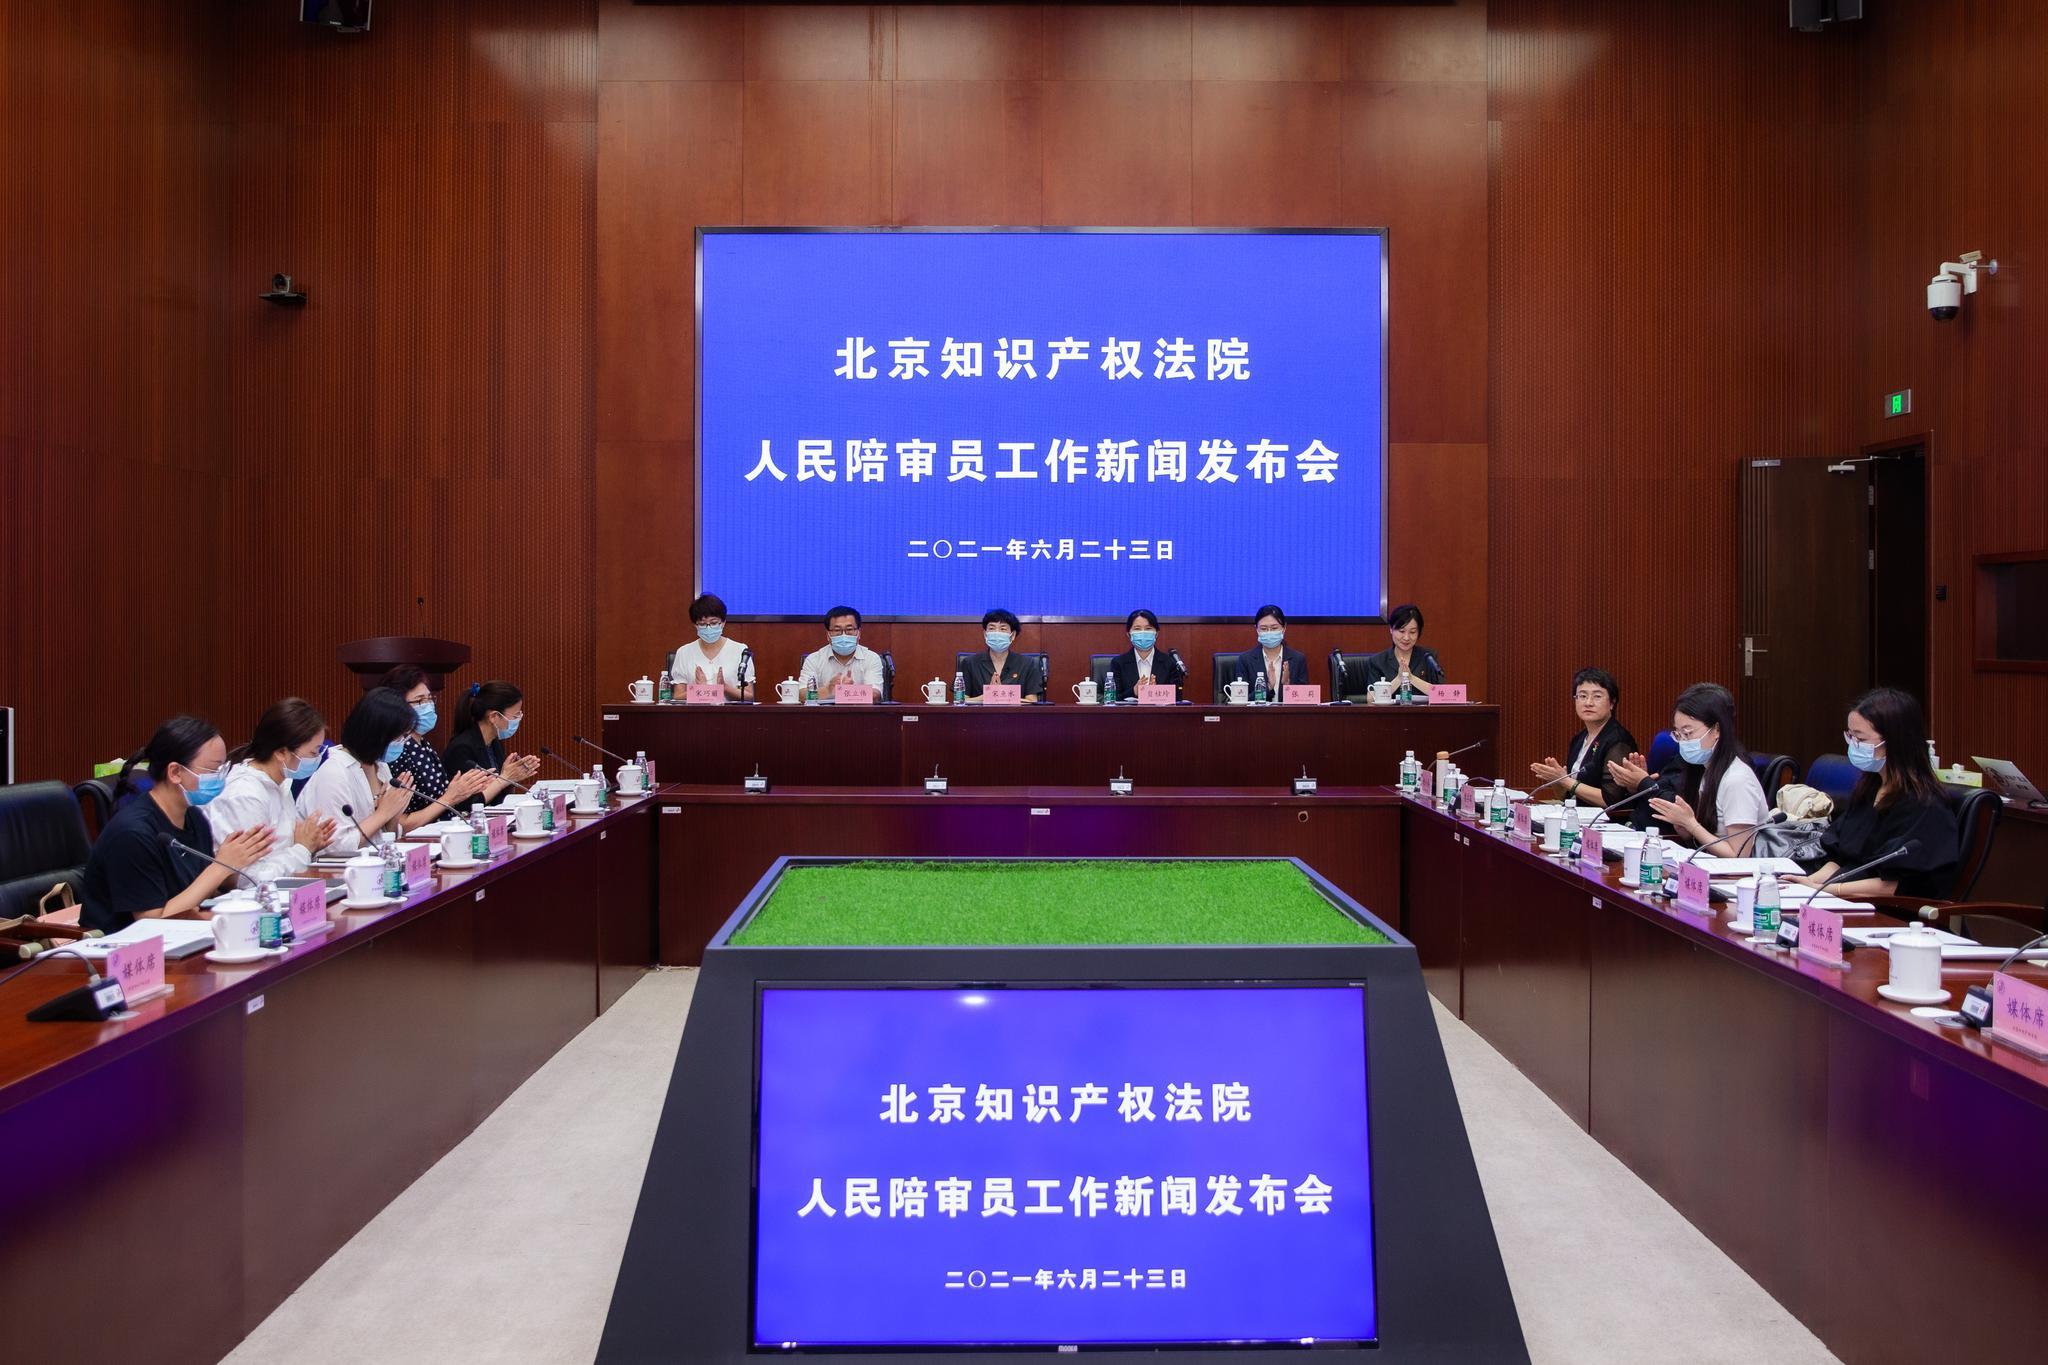 """北京知产法院:硕士学历以上人民陪审员占比45%,告别""""陪而不审"""""""